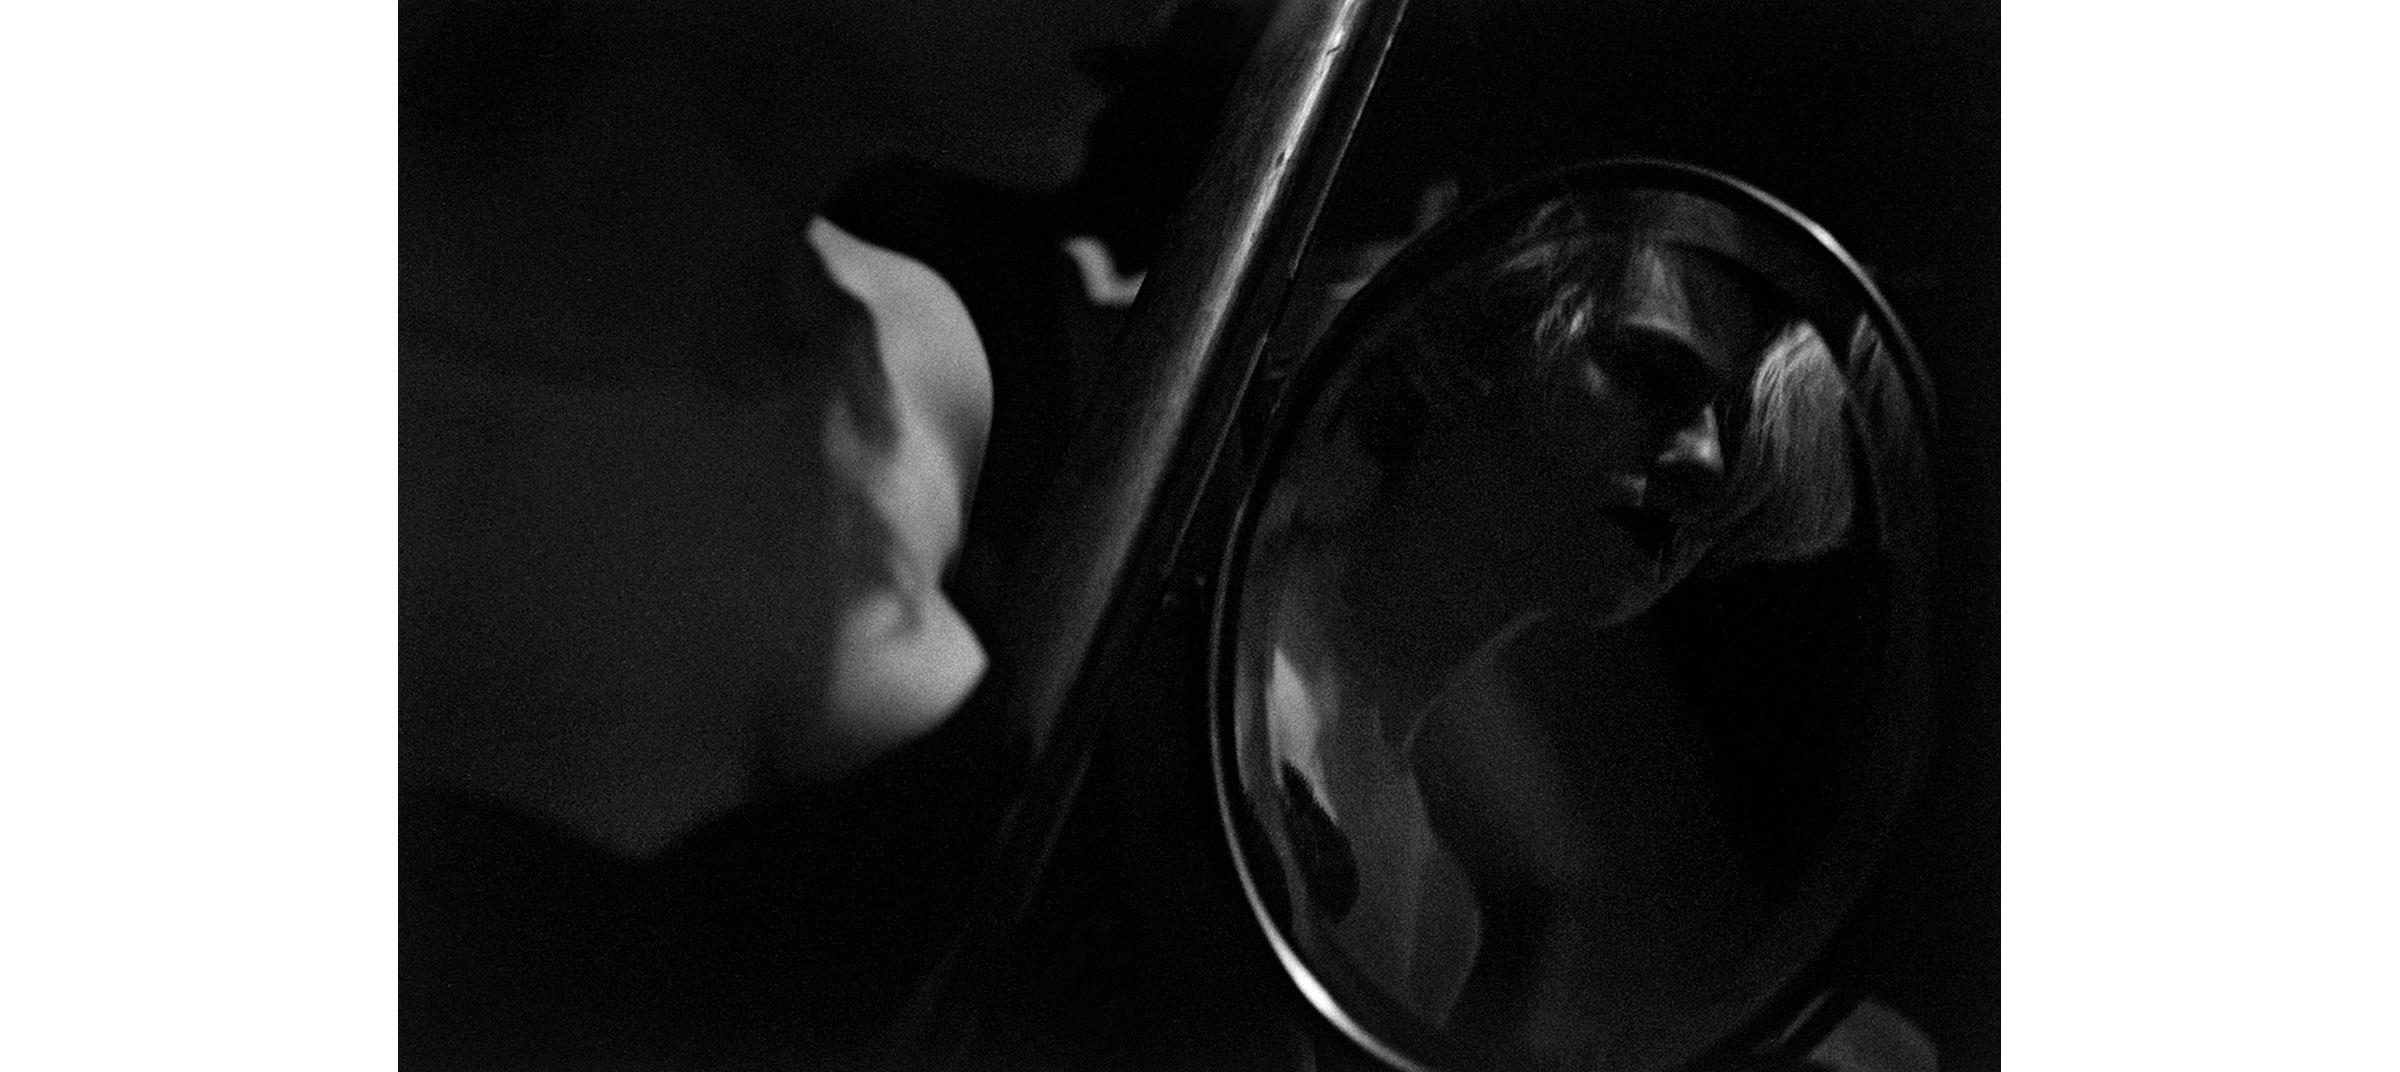 Black & White  Untitled N°23, 1985 Tirage gélatino argentique, 90 x 135 cm | Gelatin silver print, 35,43 x 53,15 inches  2/6